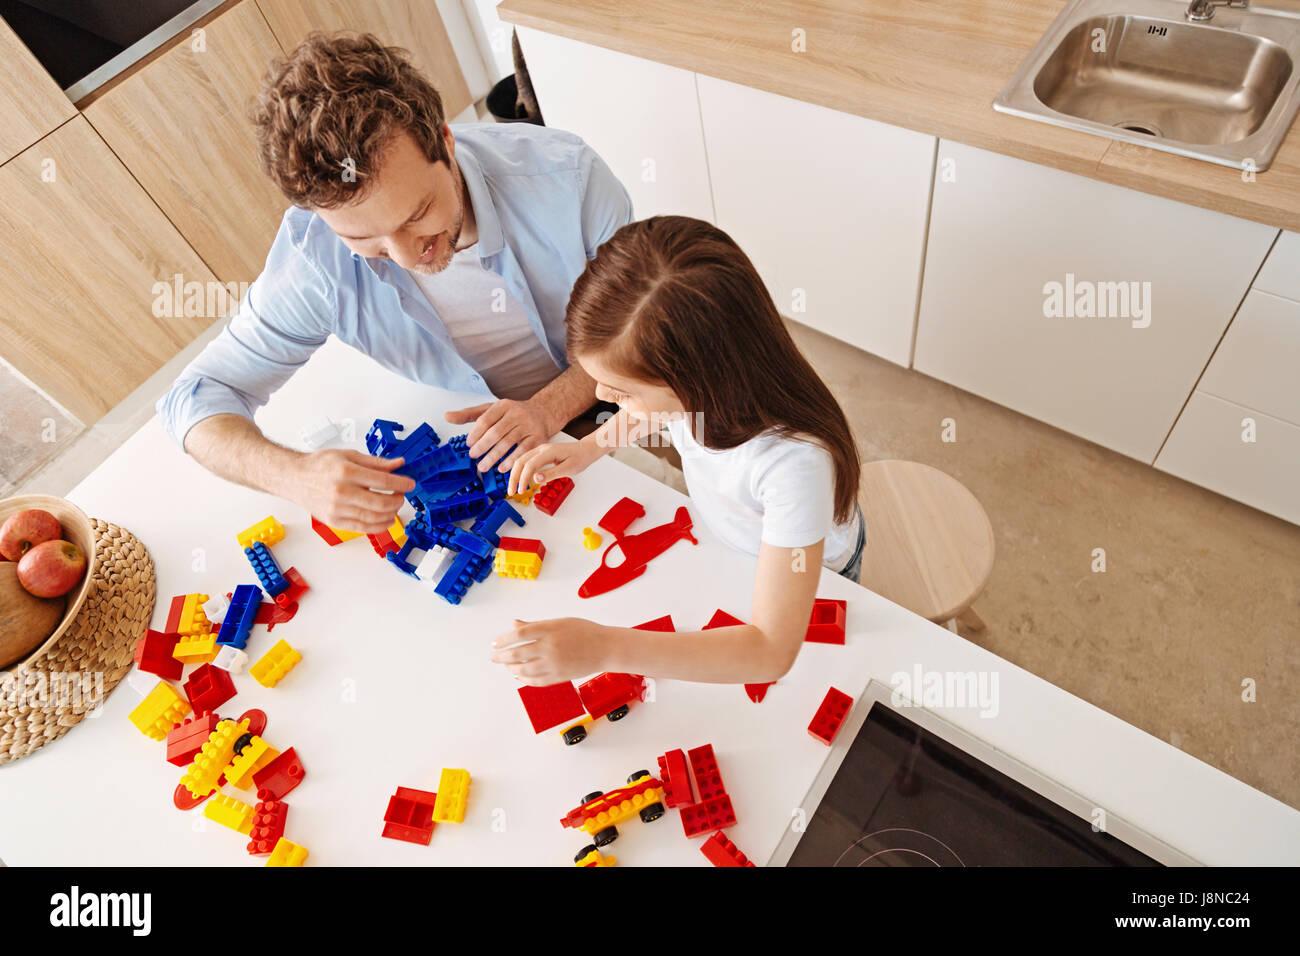 En plein essor. Père sourire optimiste et sa fille étant totalement engagé dans le jeu ensemble, Photo Stock